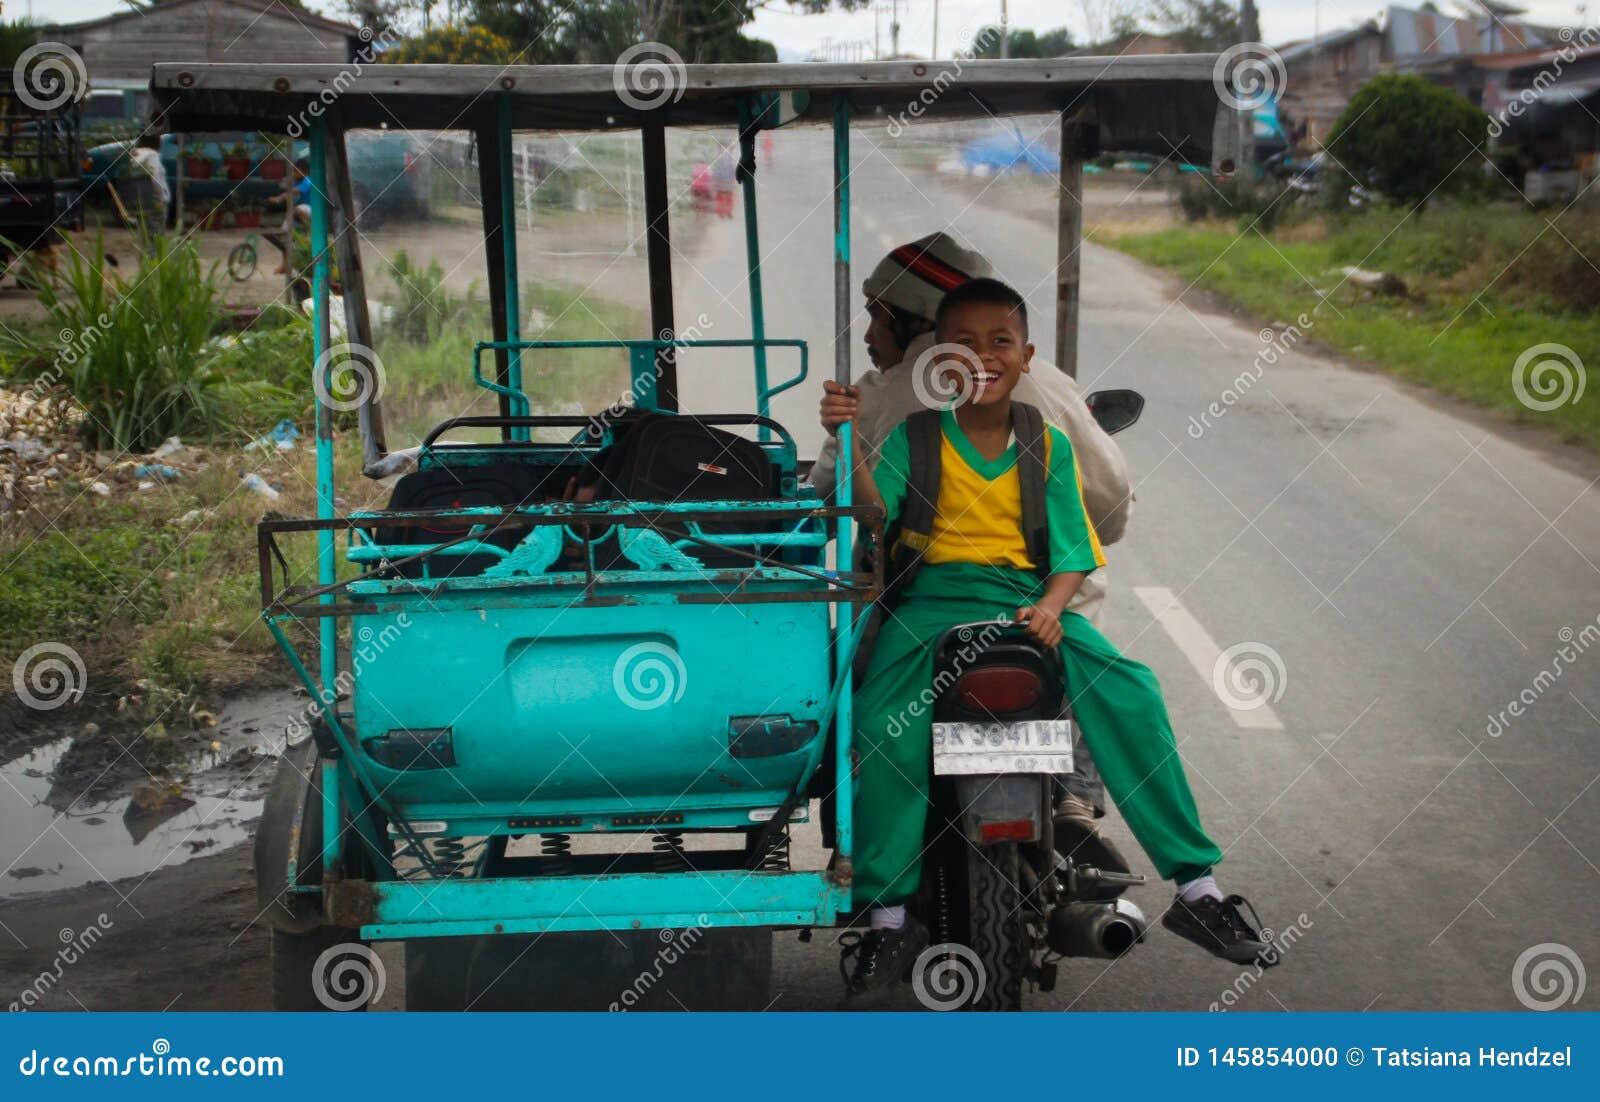 Un petit garçon indonésien monte un tuk-tuk et des rires joyeux